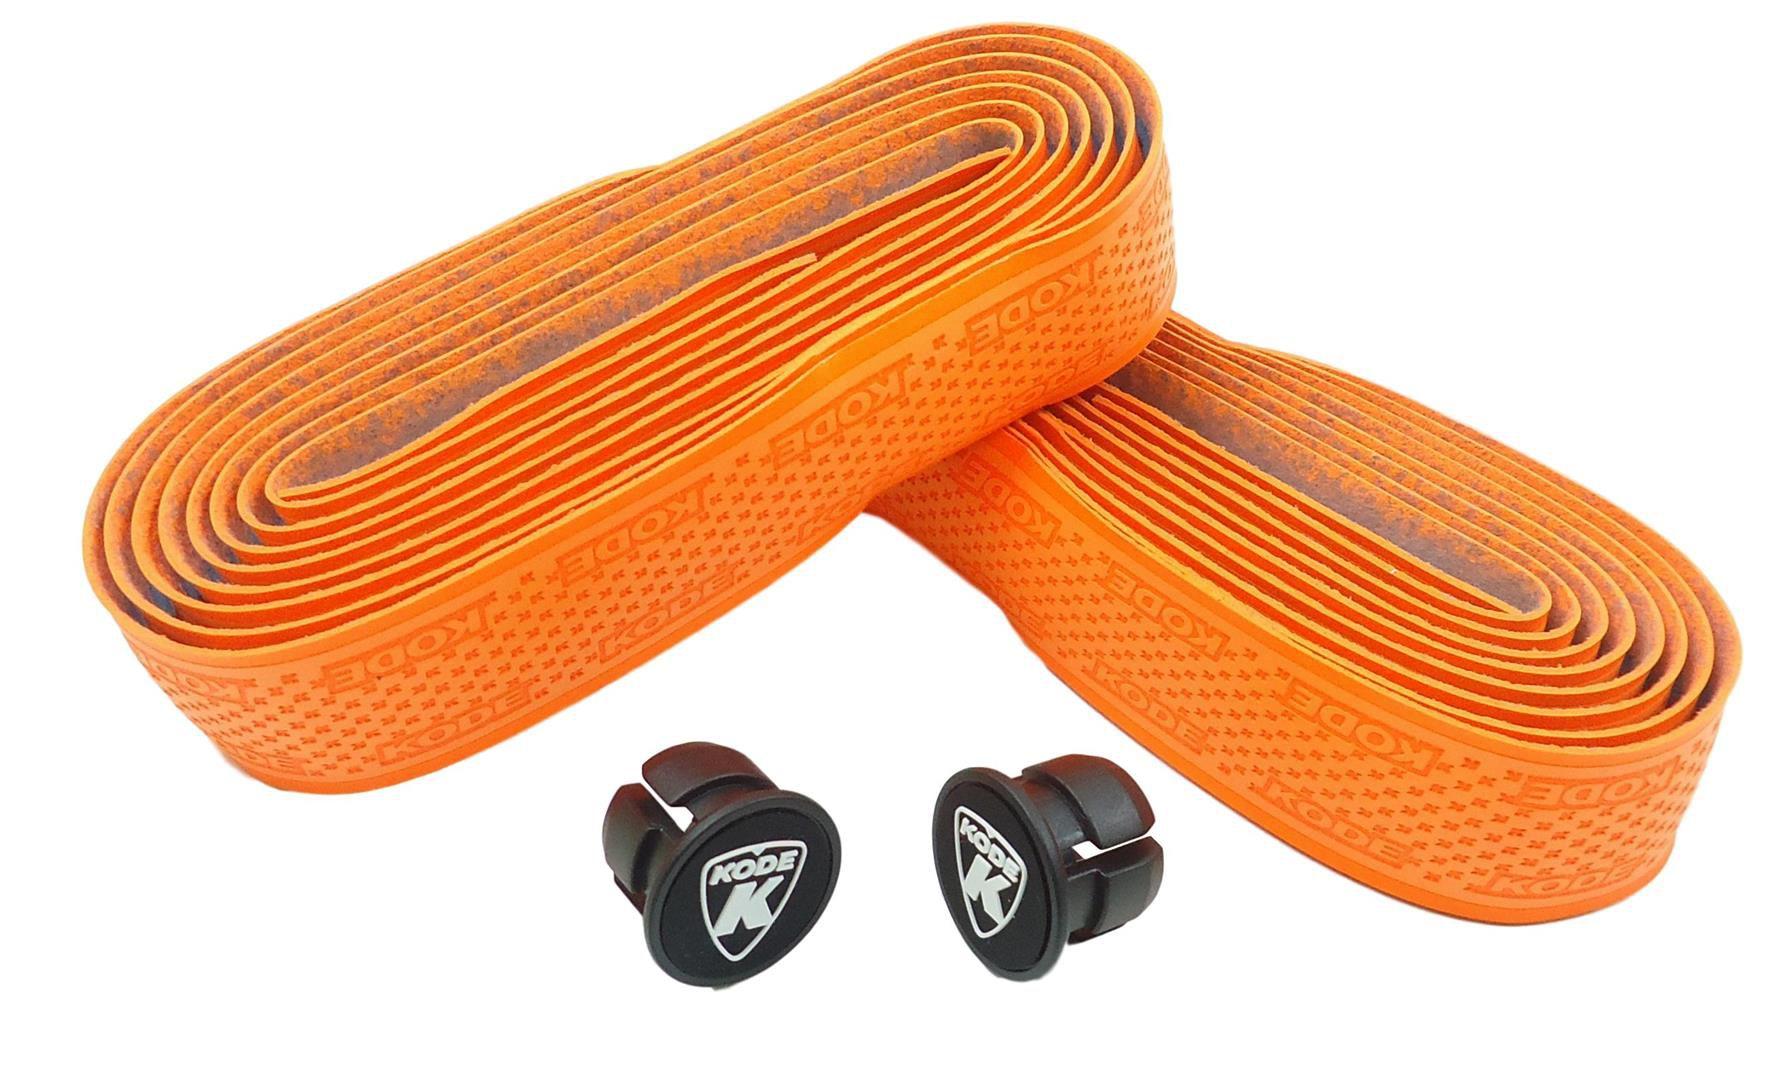 Fita para Guidão Bicicletas Speed Kode 3mm Cor Laranja Fluorecente Extra Confort